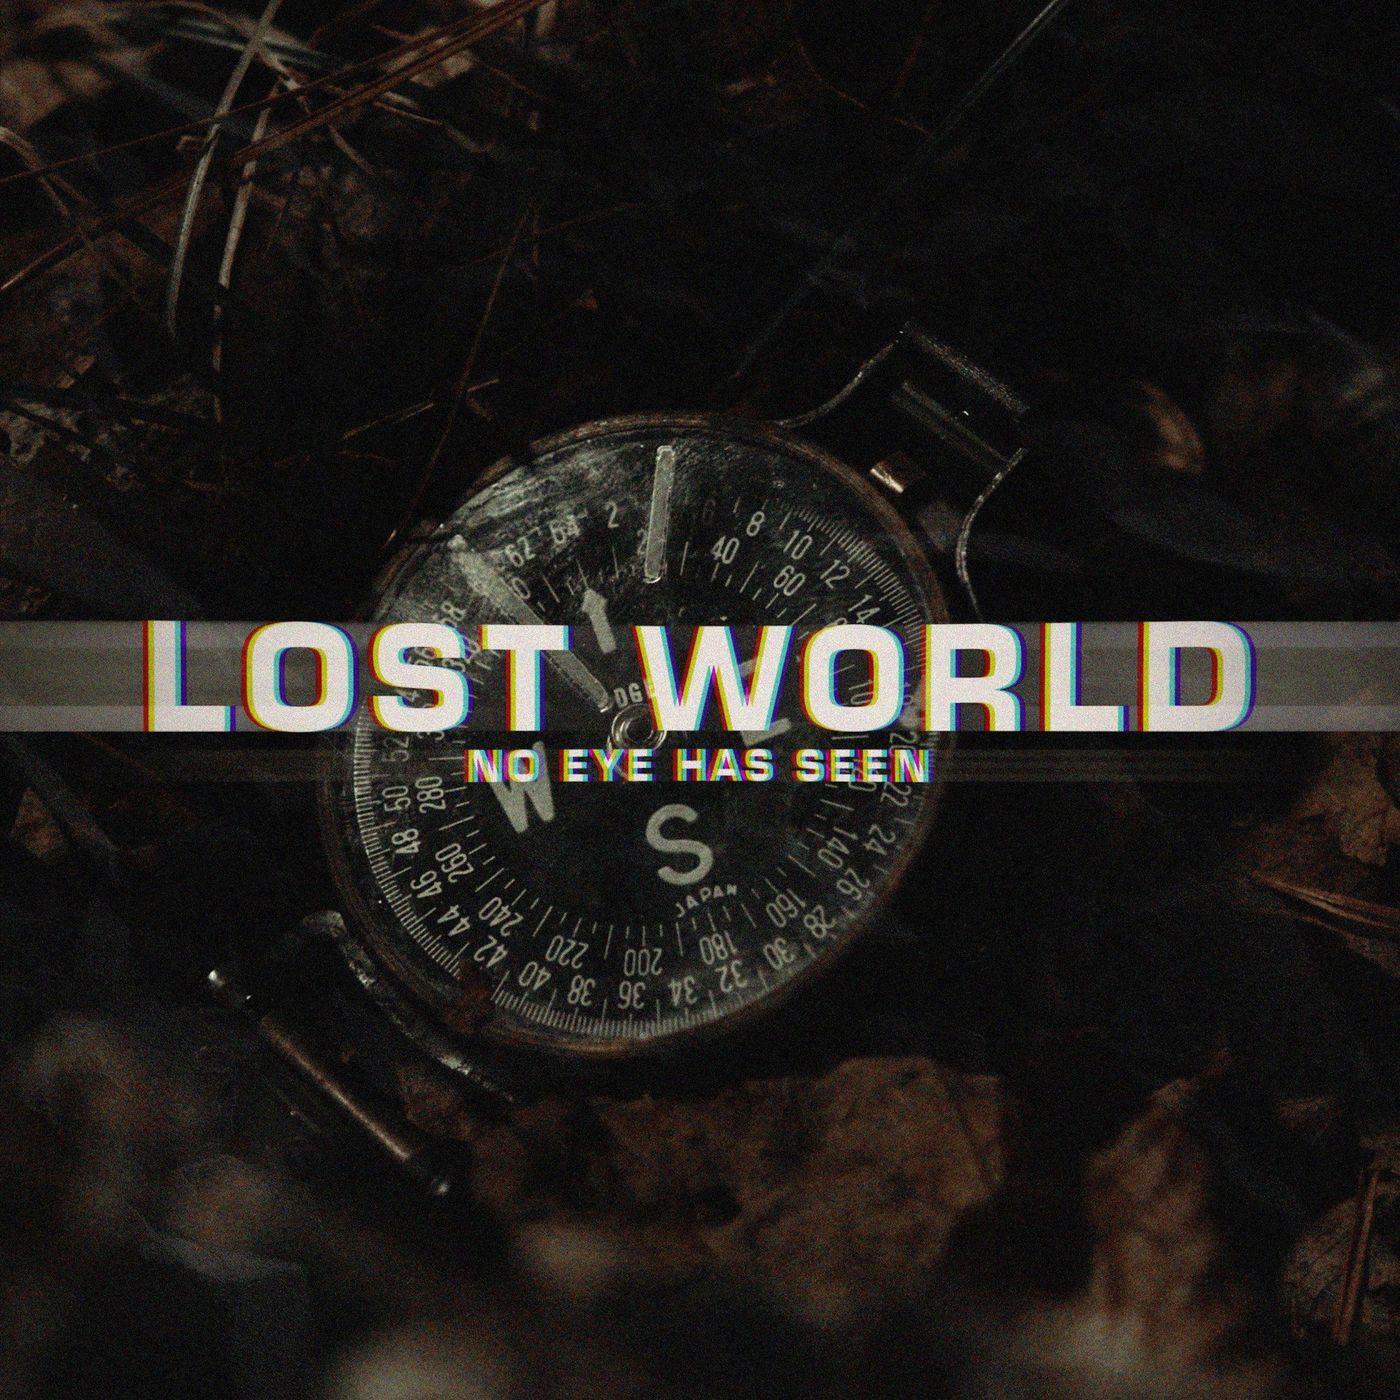 No Eye Has Seen - Lost World [single] (2021)